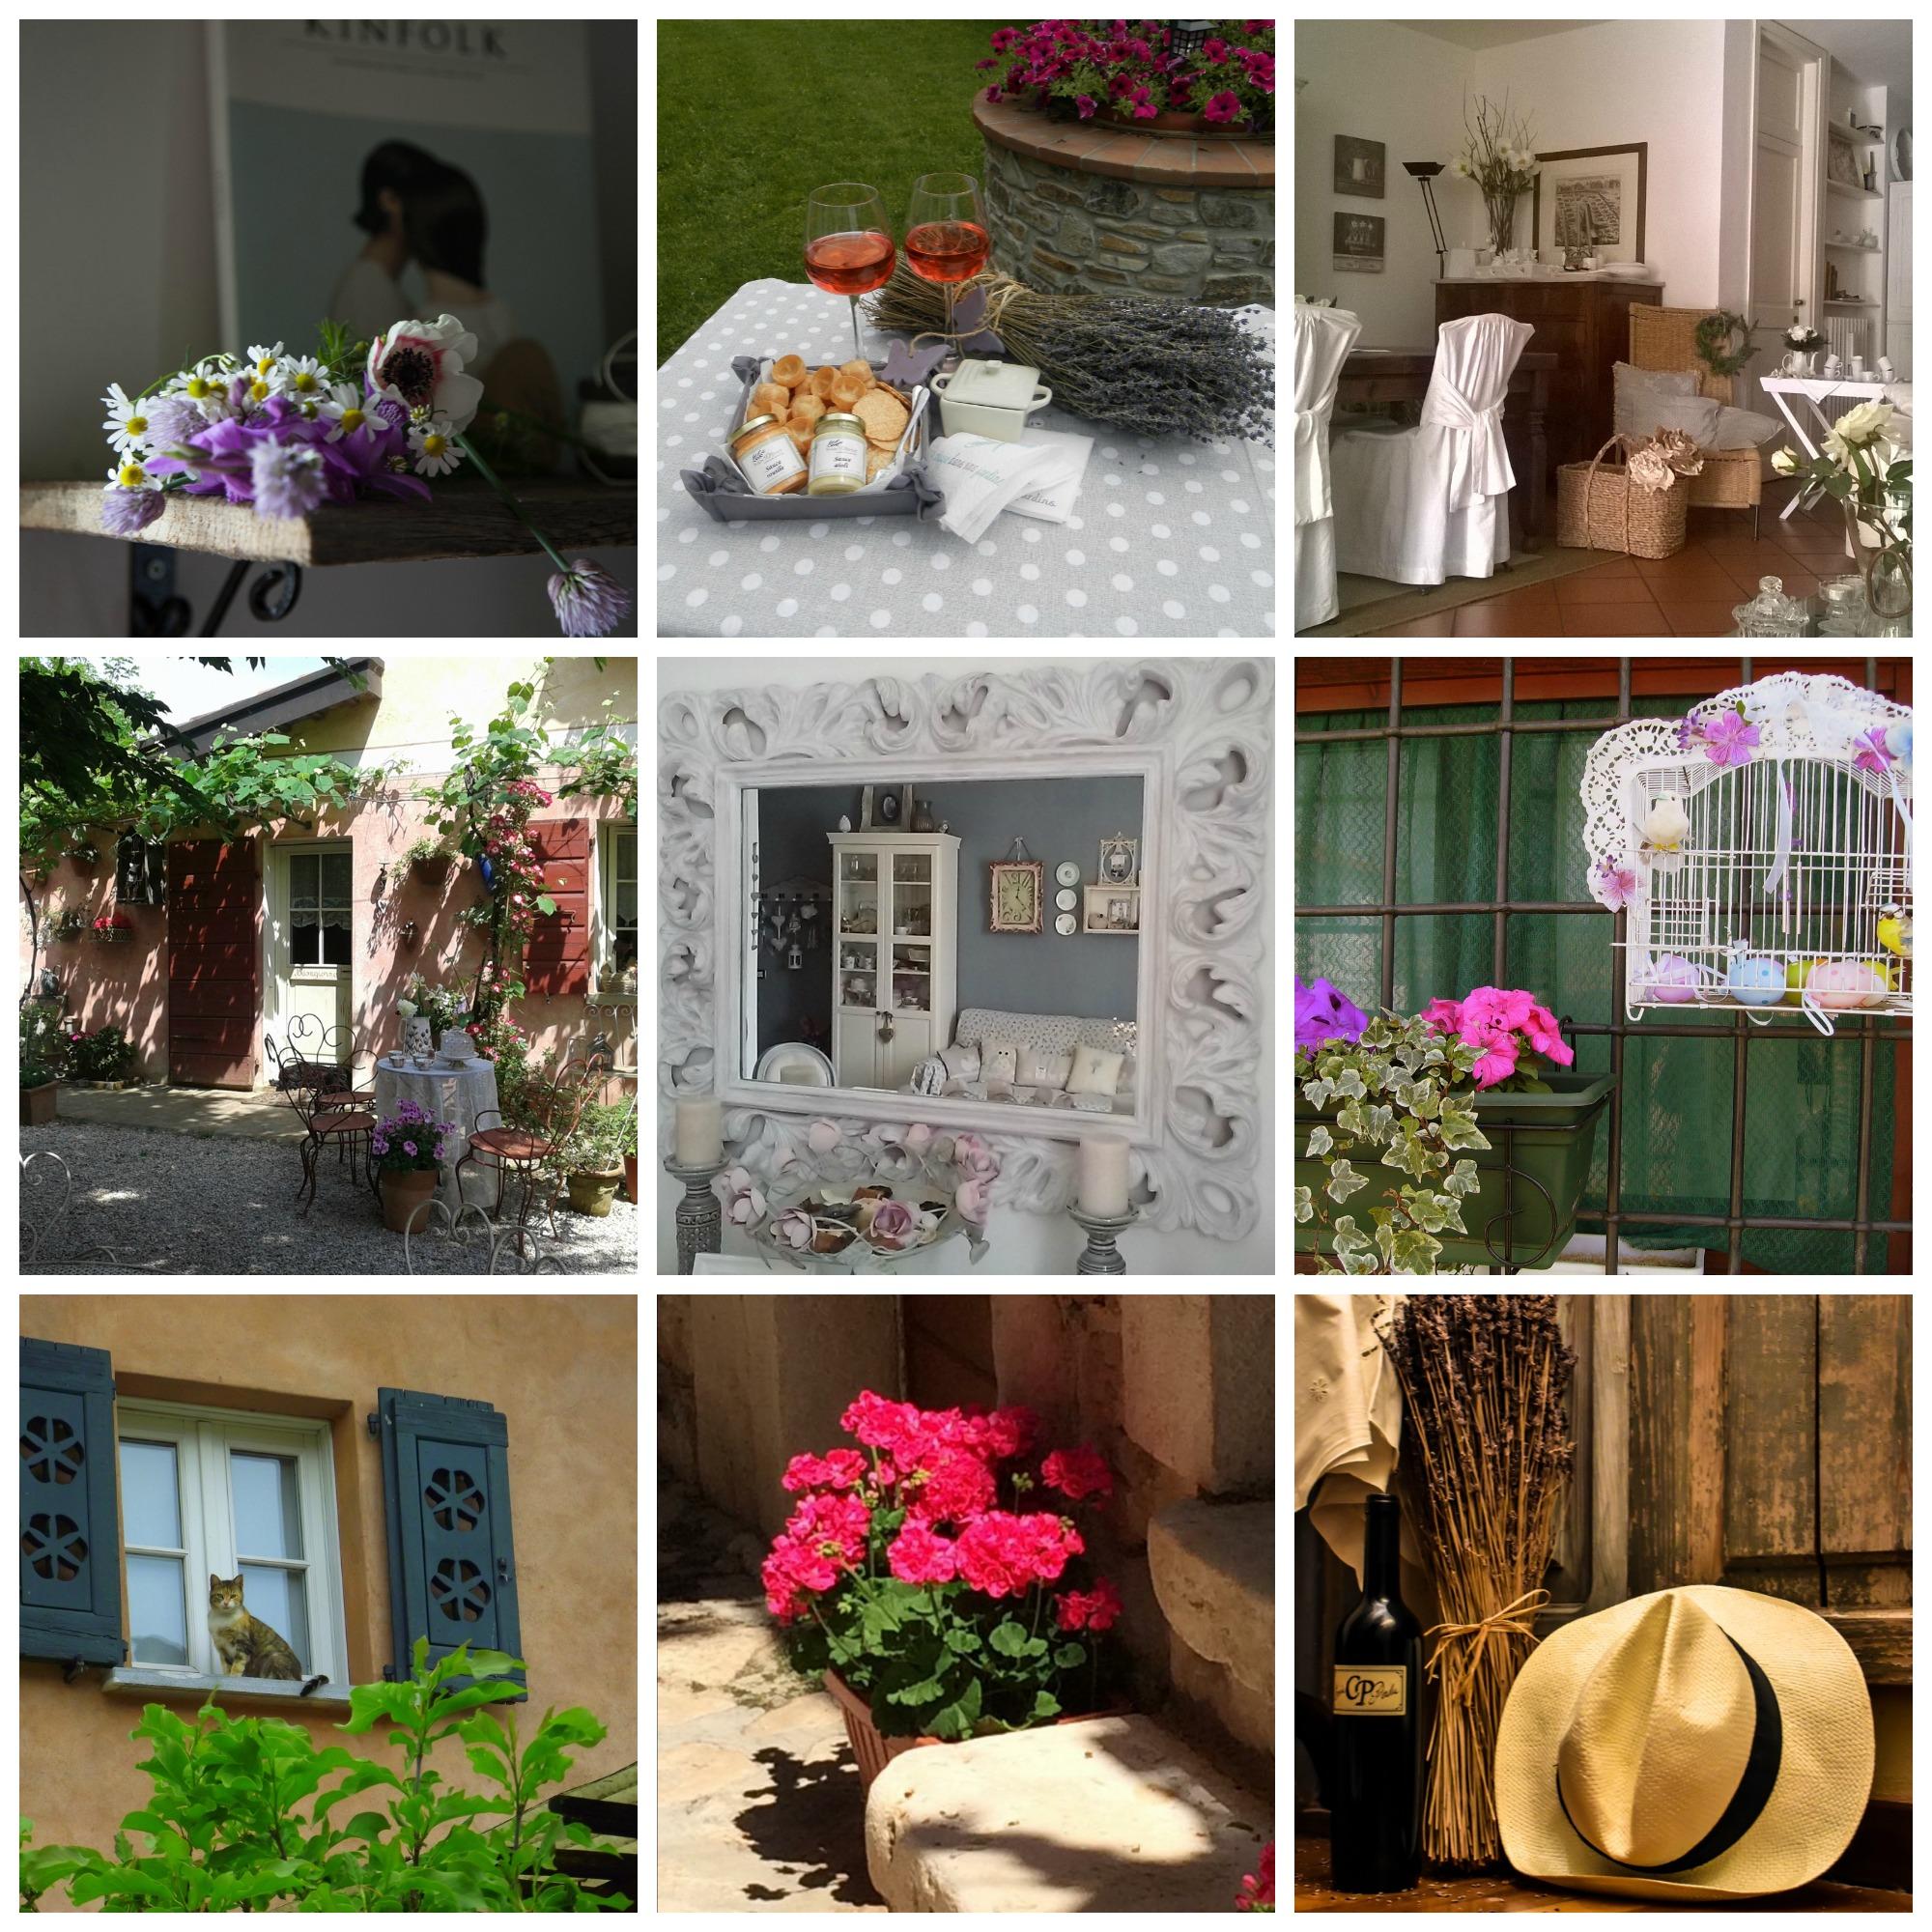 Casa provenzale - Casa provenzale ...